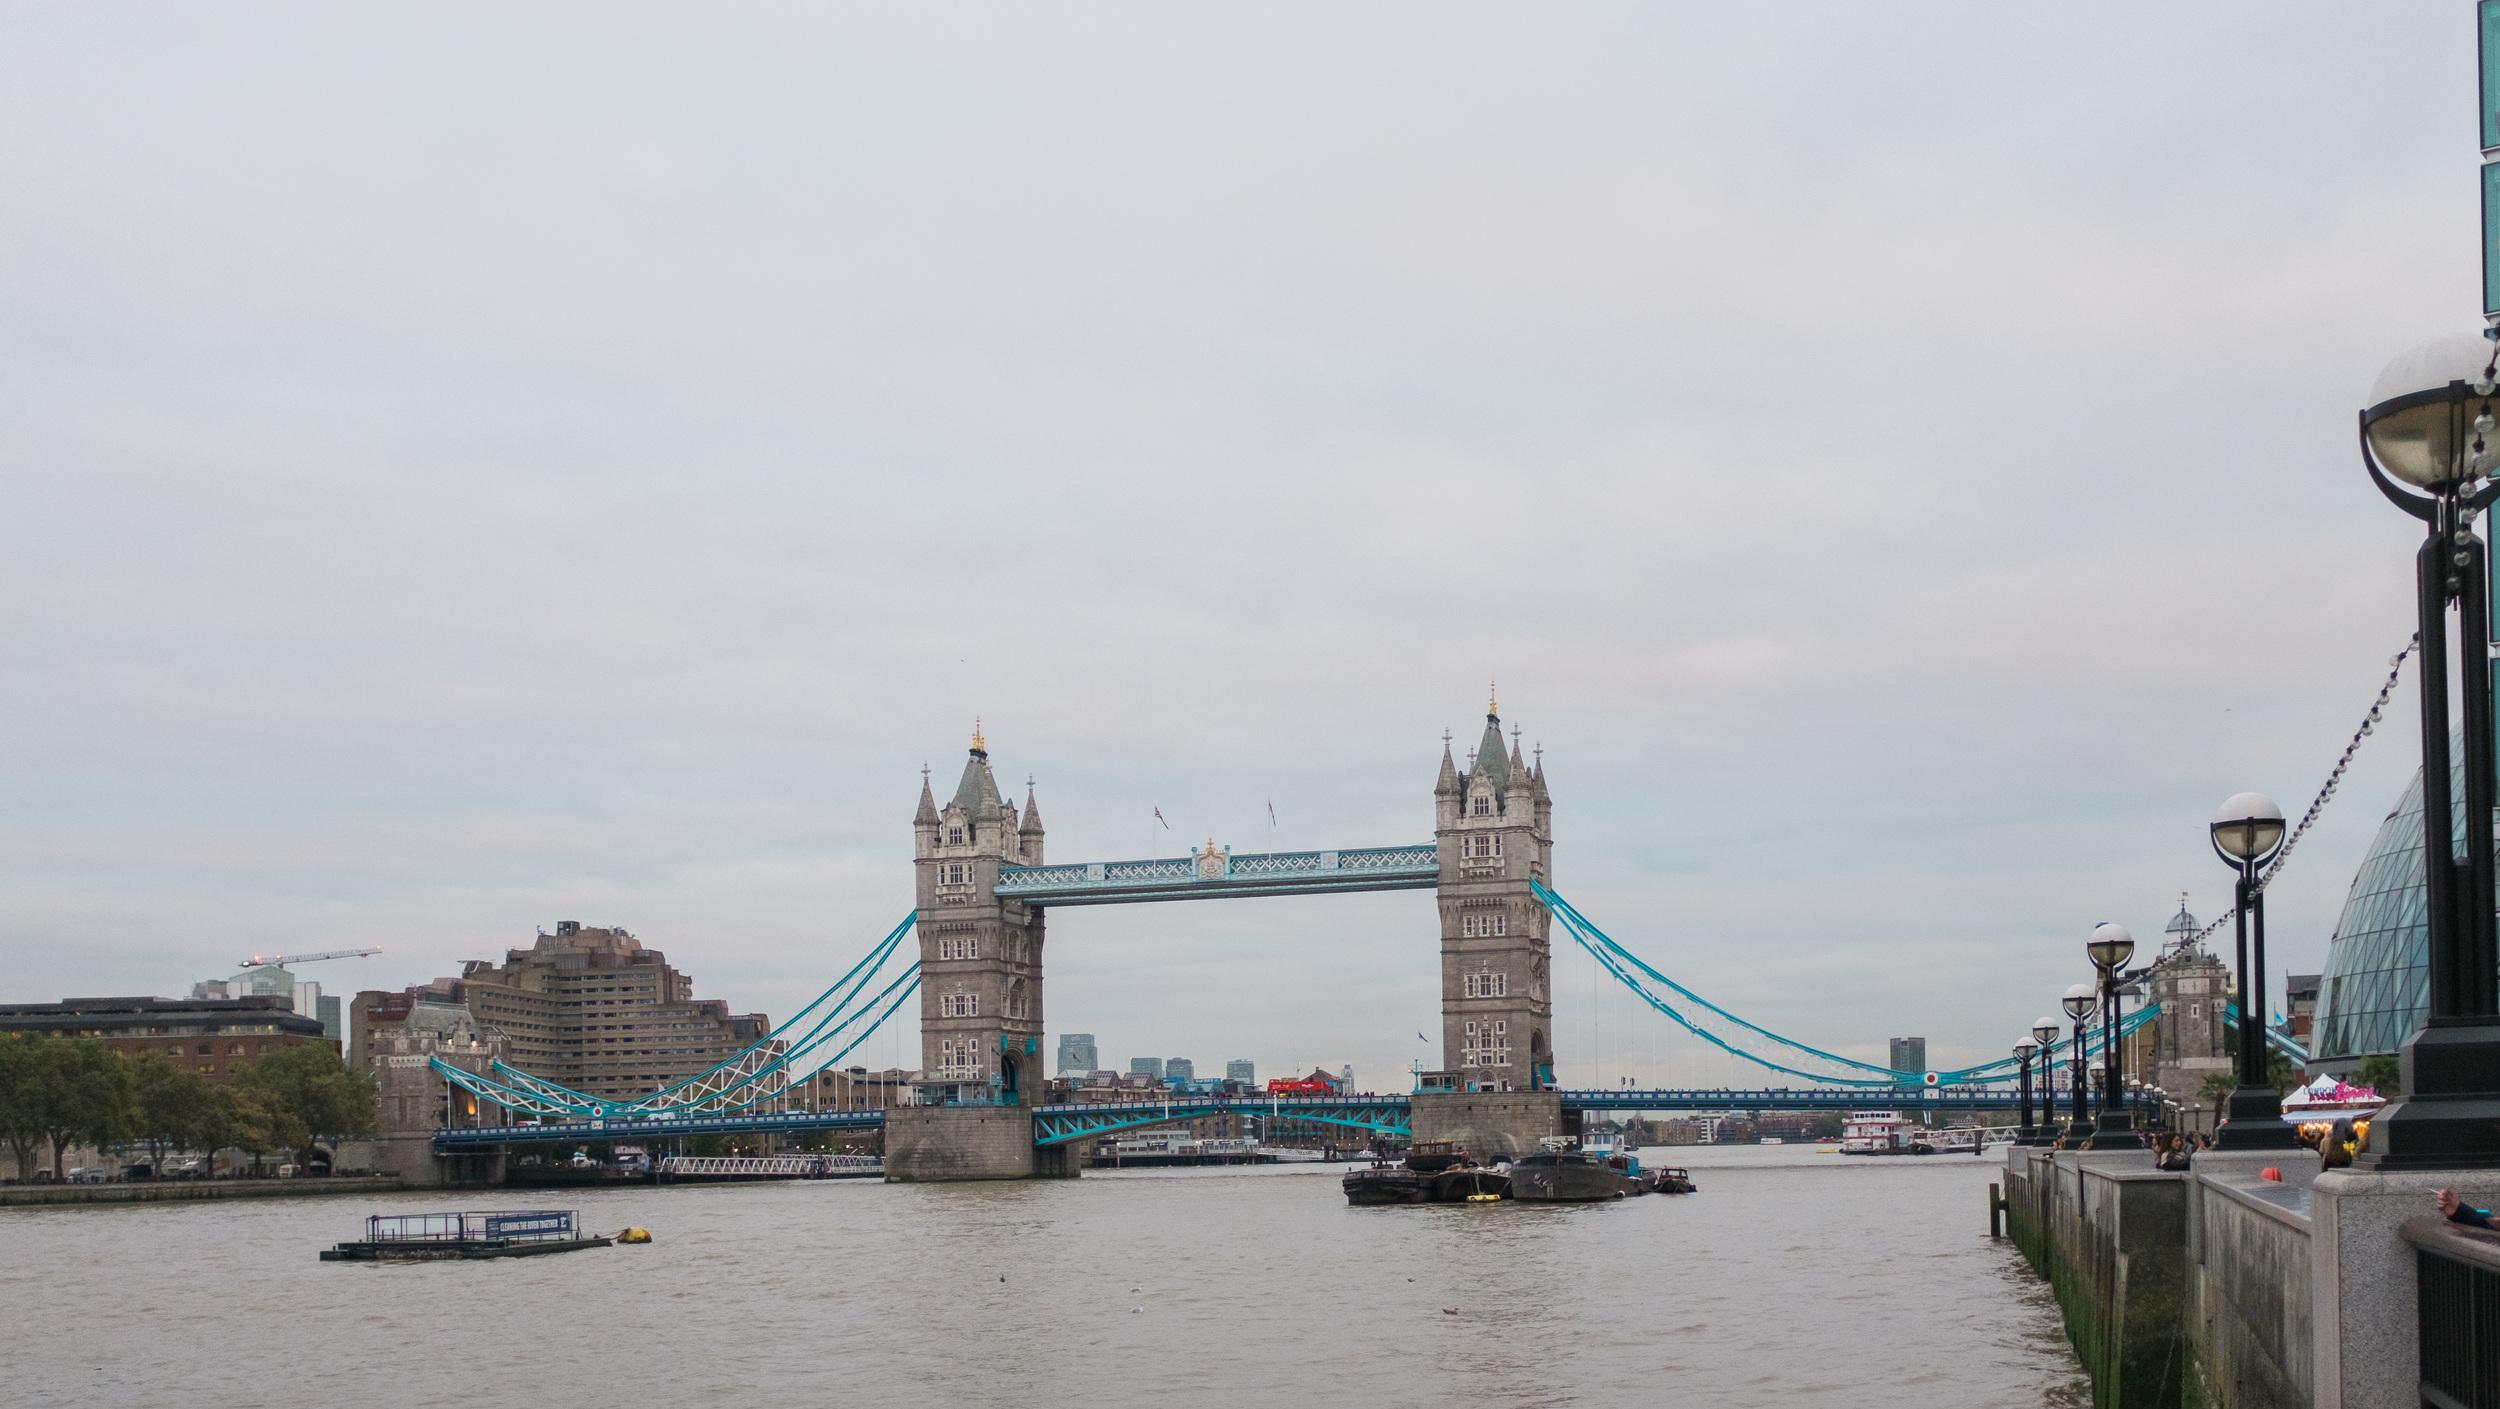 london-britian-cambridge-stmalo-mont-saint-michel-france-normandy-paris-029.jpg